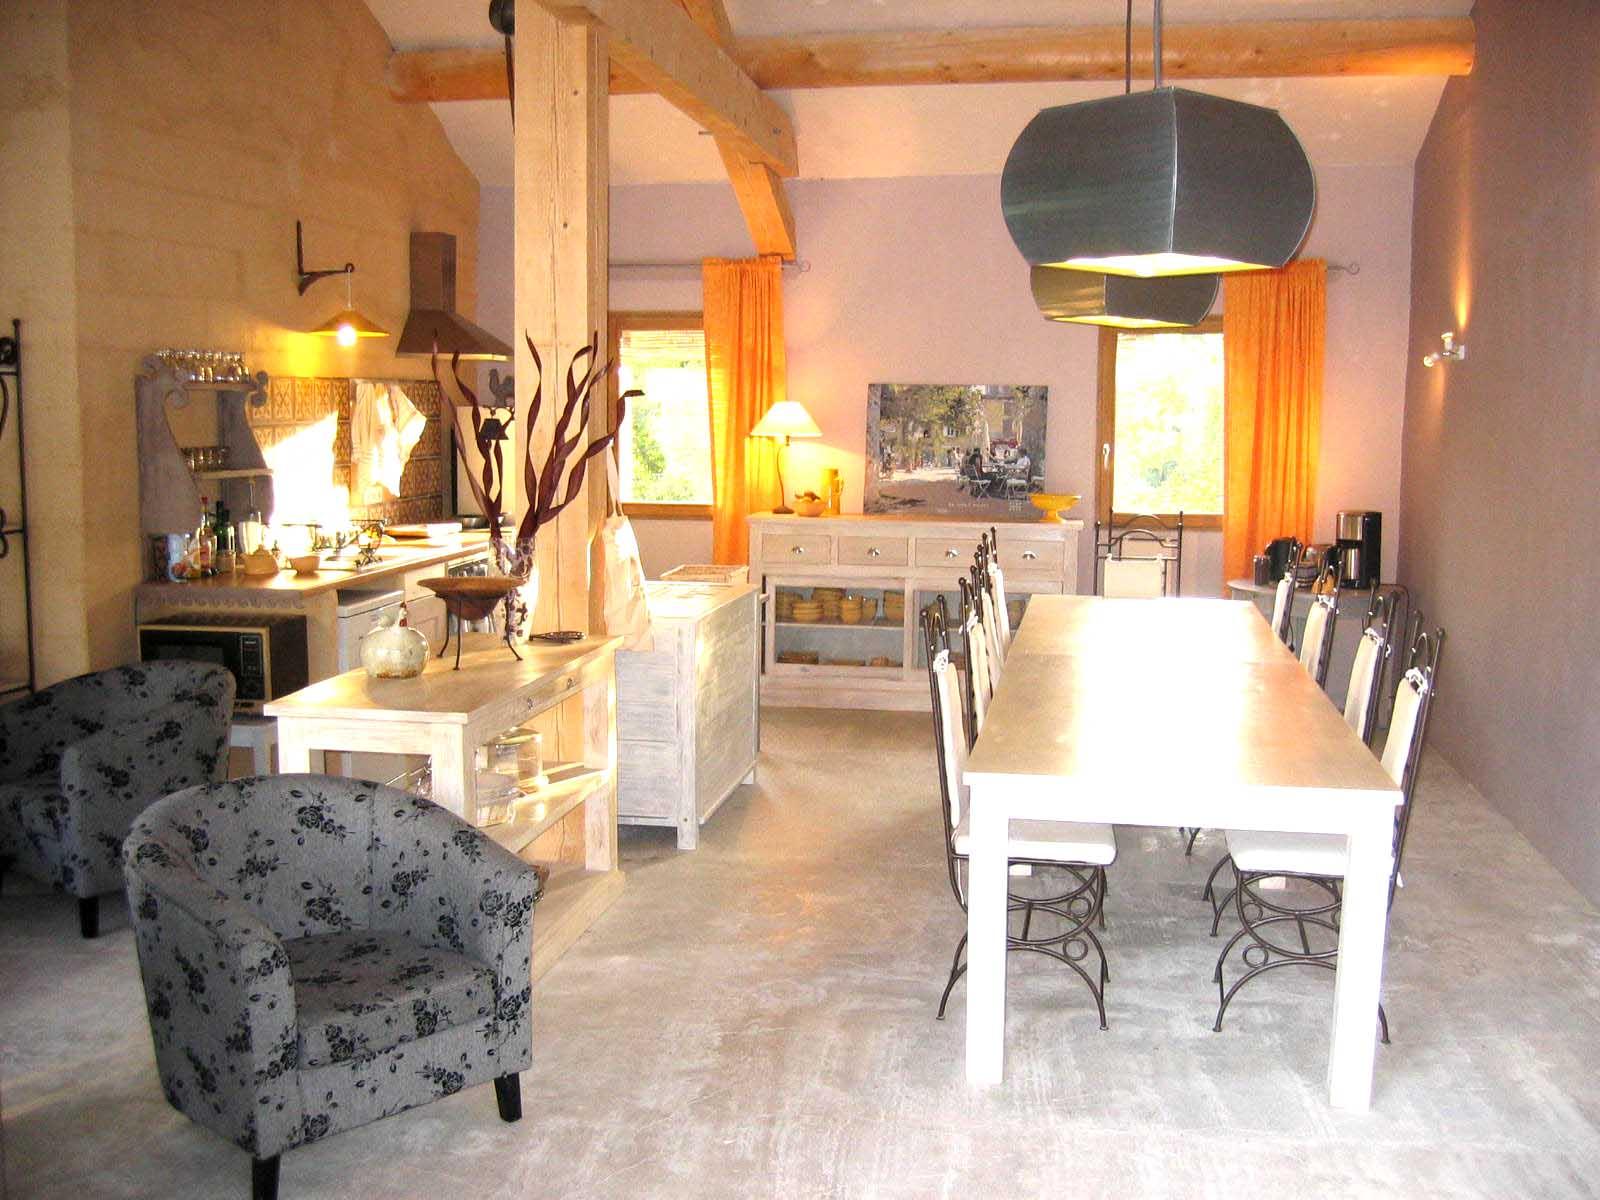 A vendre en Luberon, maison d'hôtes en pierres avec piscine et annexes